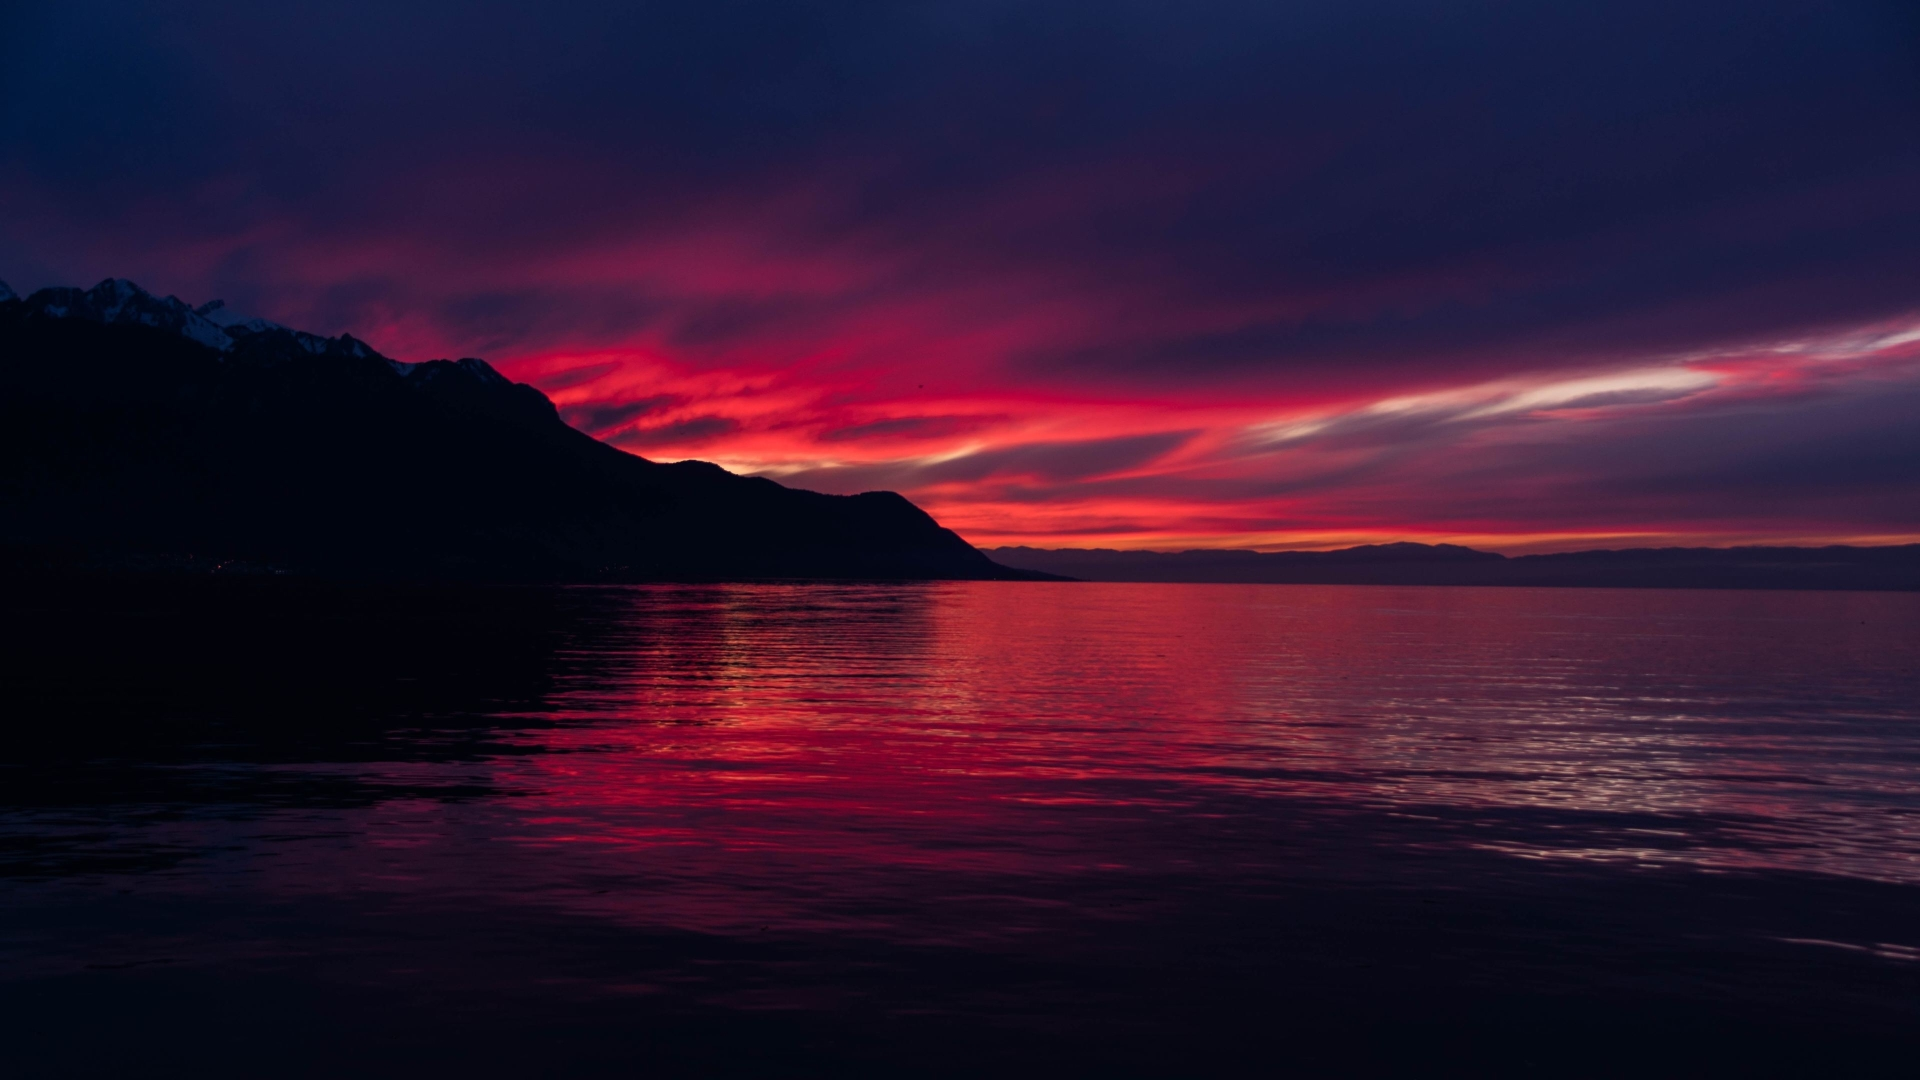 1920x1080 4K Dark Sunset 1080P Laptop Full HD Wallpaper ...